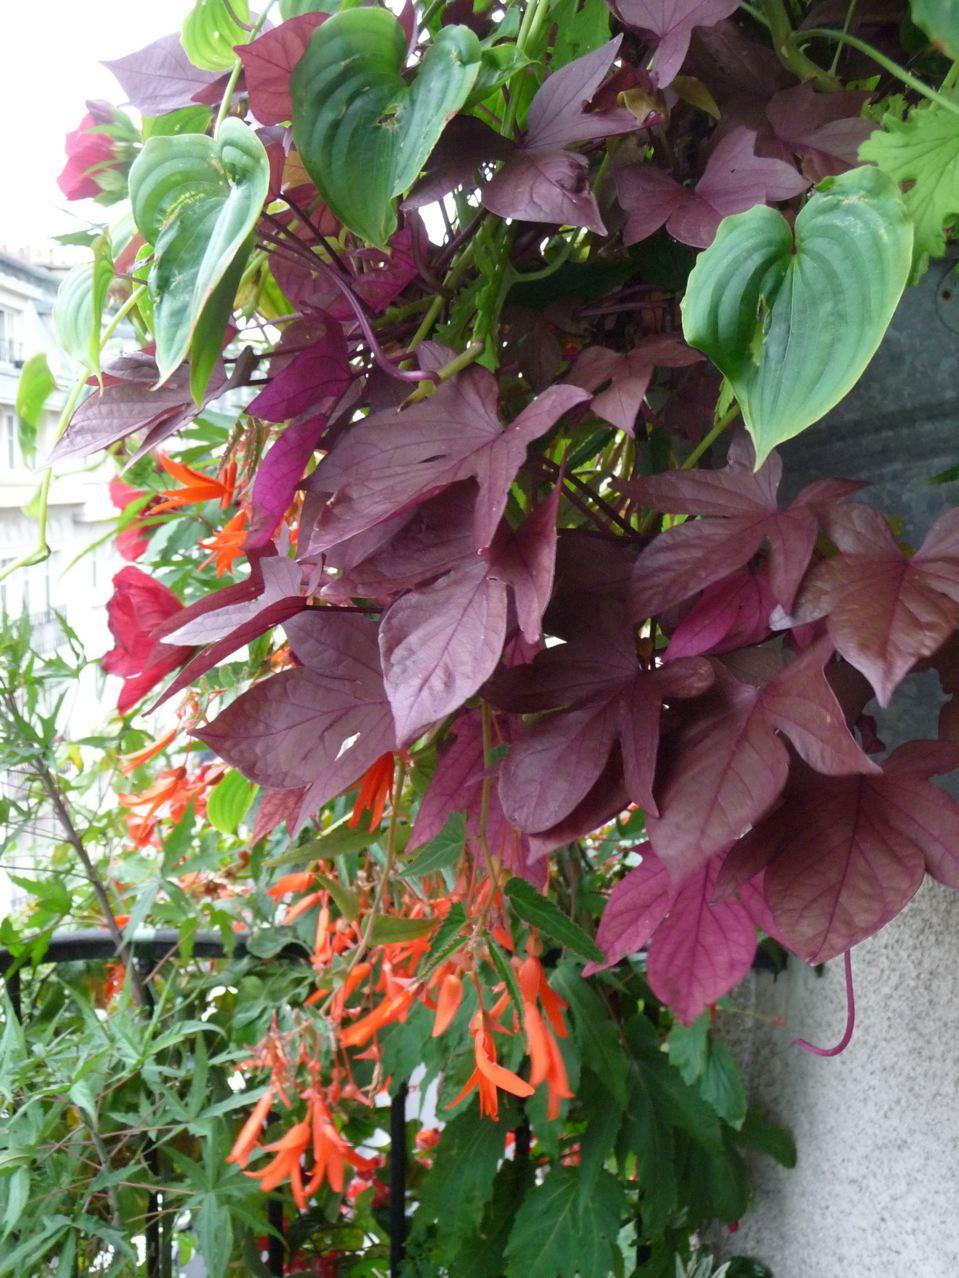 Décorations florales estivales sur mon balcon